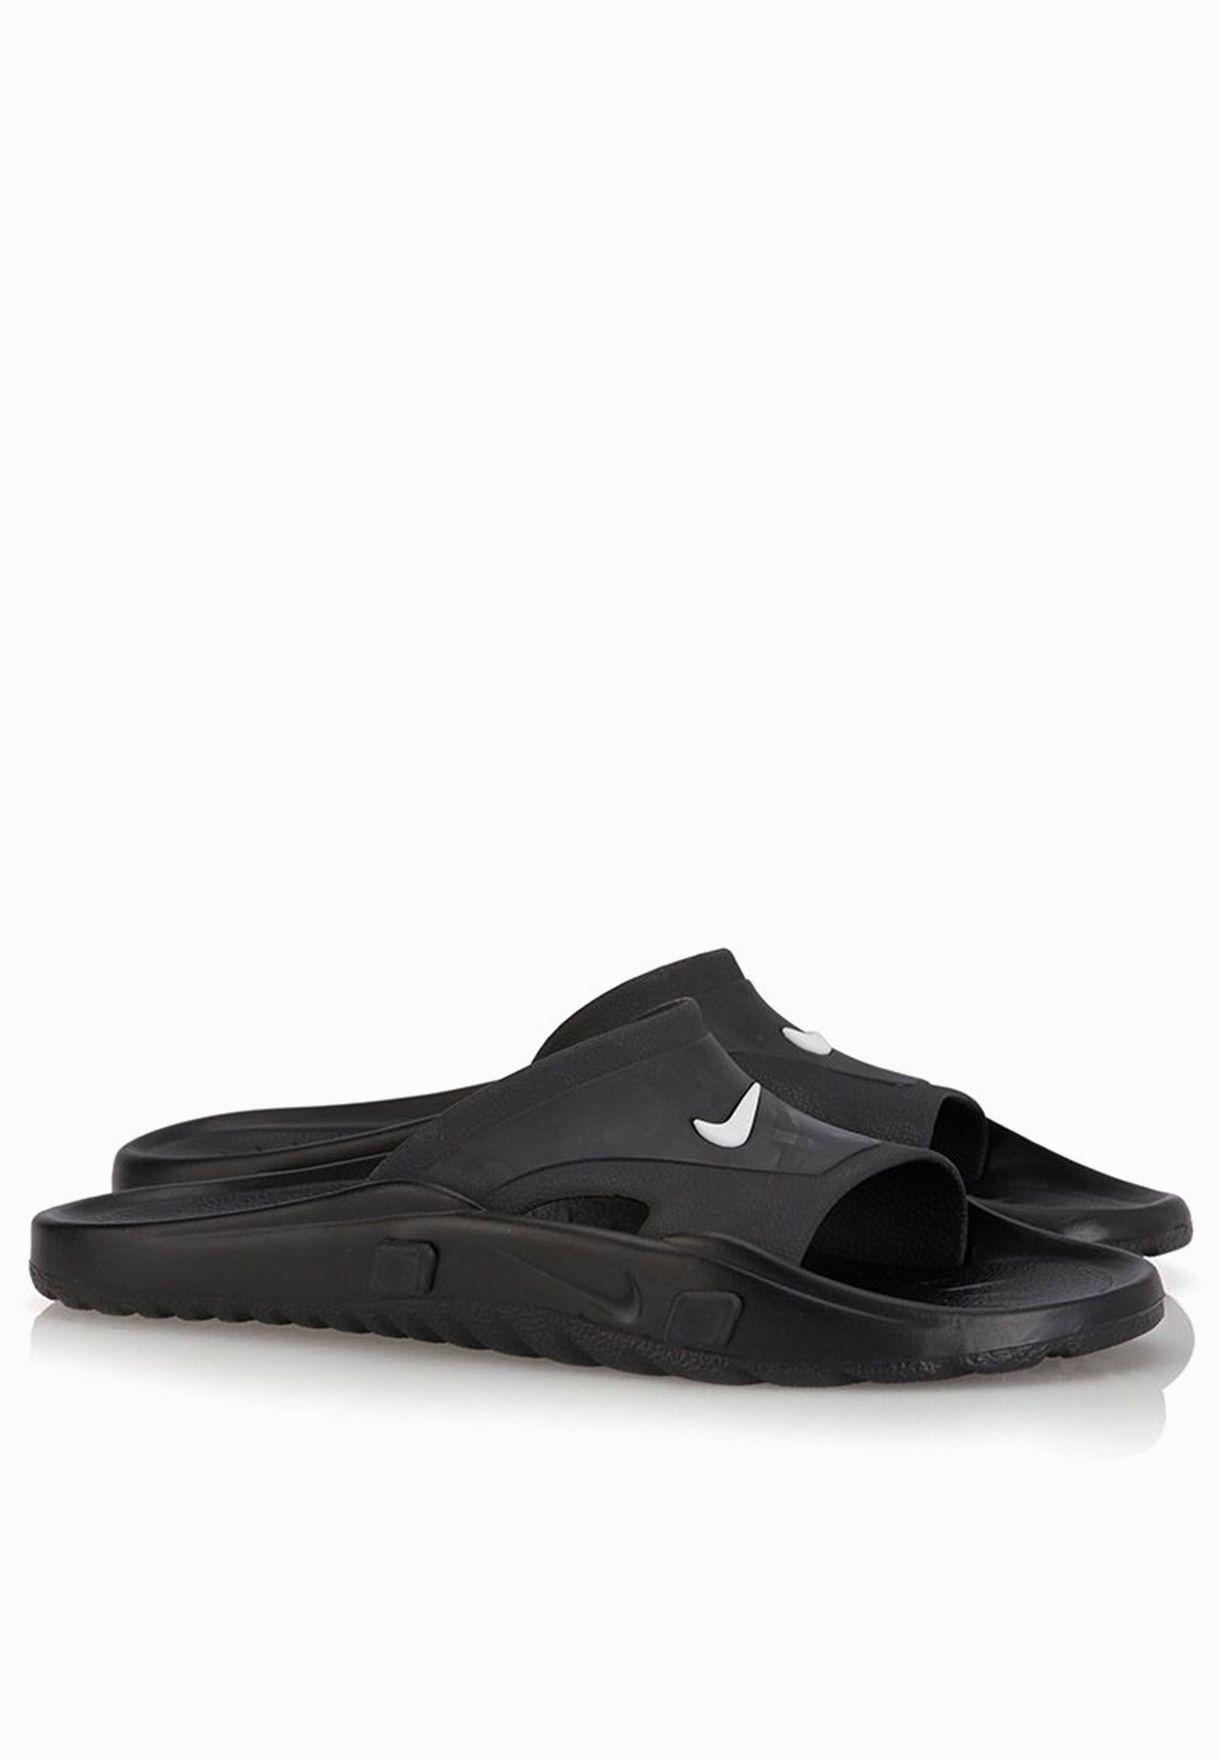 nike geta sandals